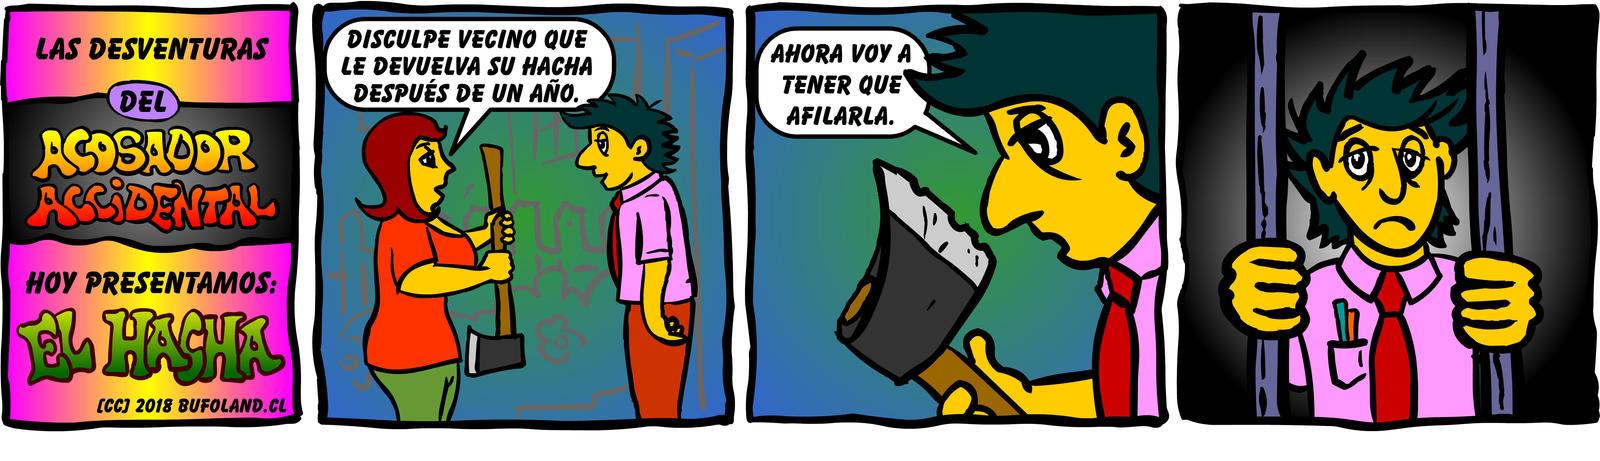 El Acosador Accidental 002 by Bufoland